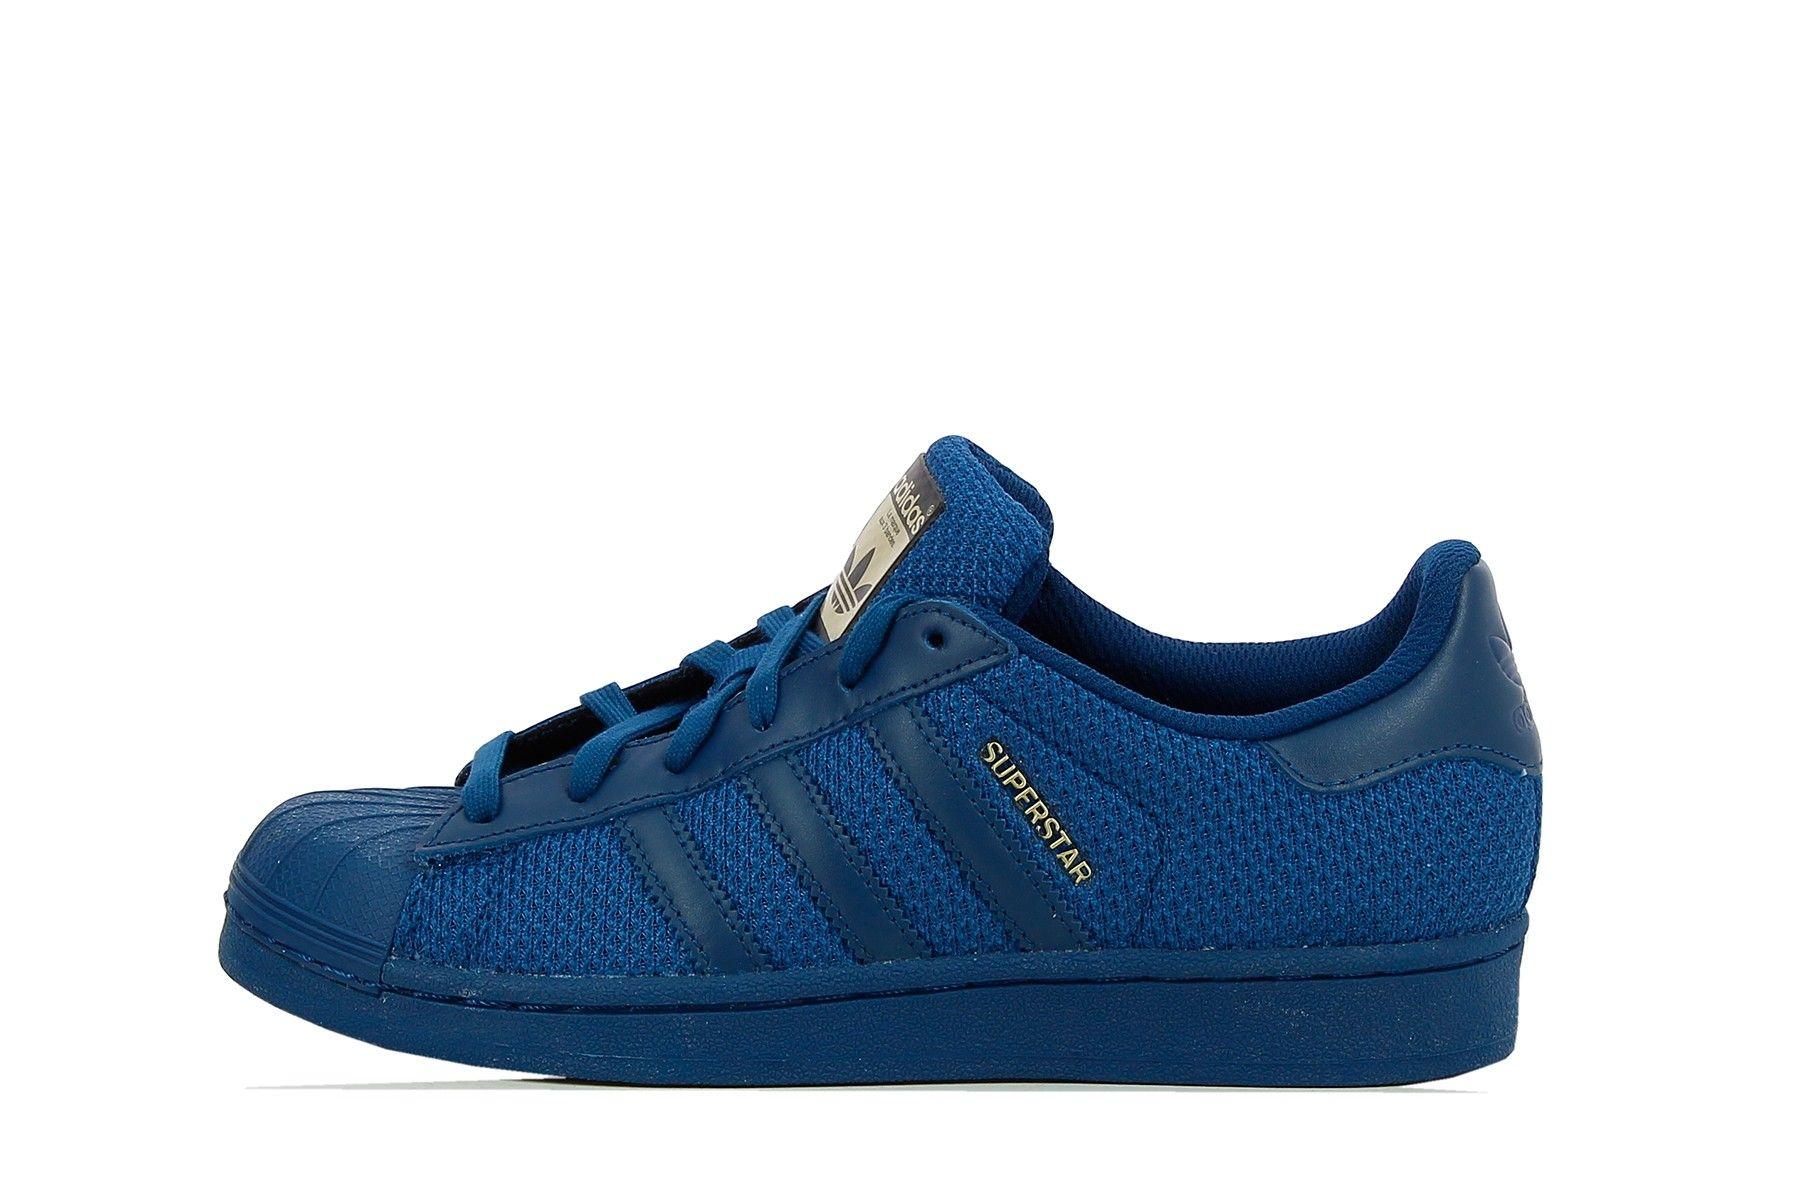 buy online f3f86 af583 Basket adidas Originals Superstar Junior - S76624 - Pegashoes